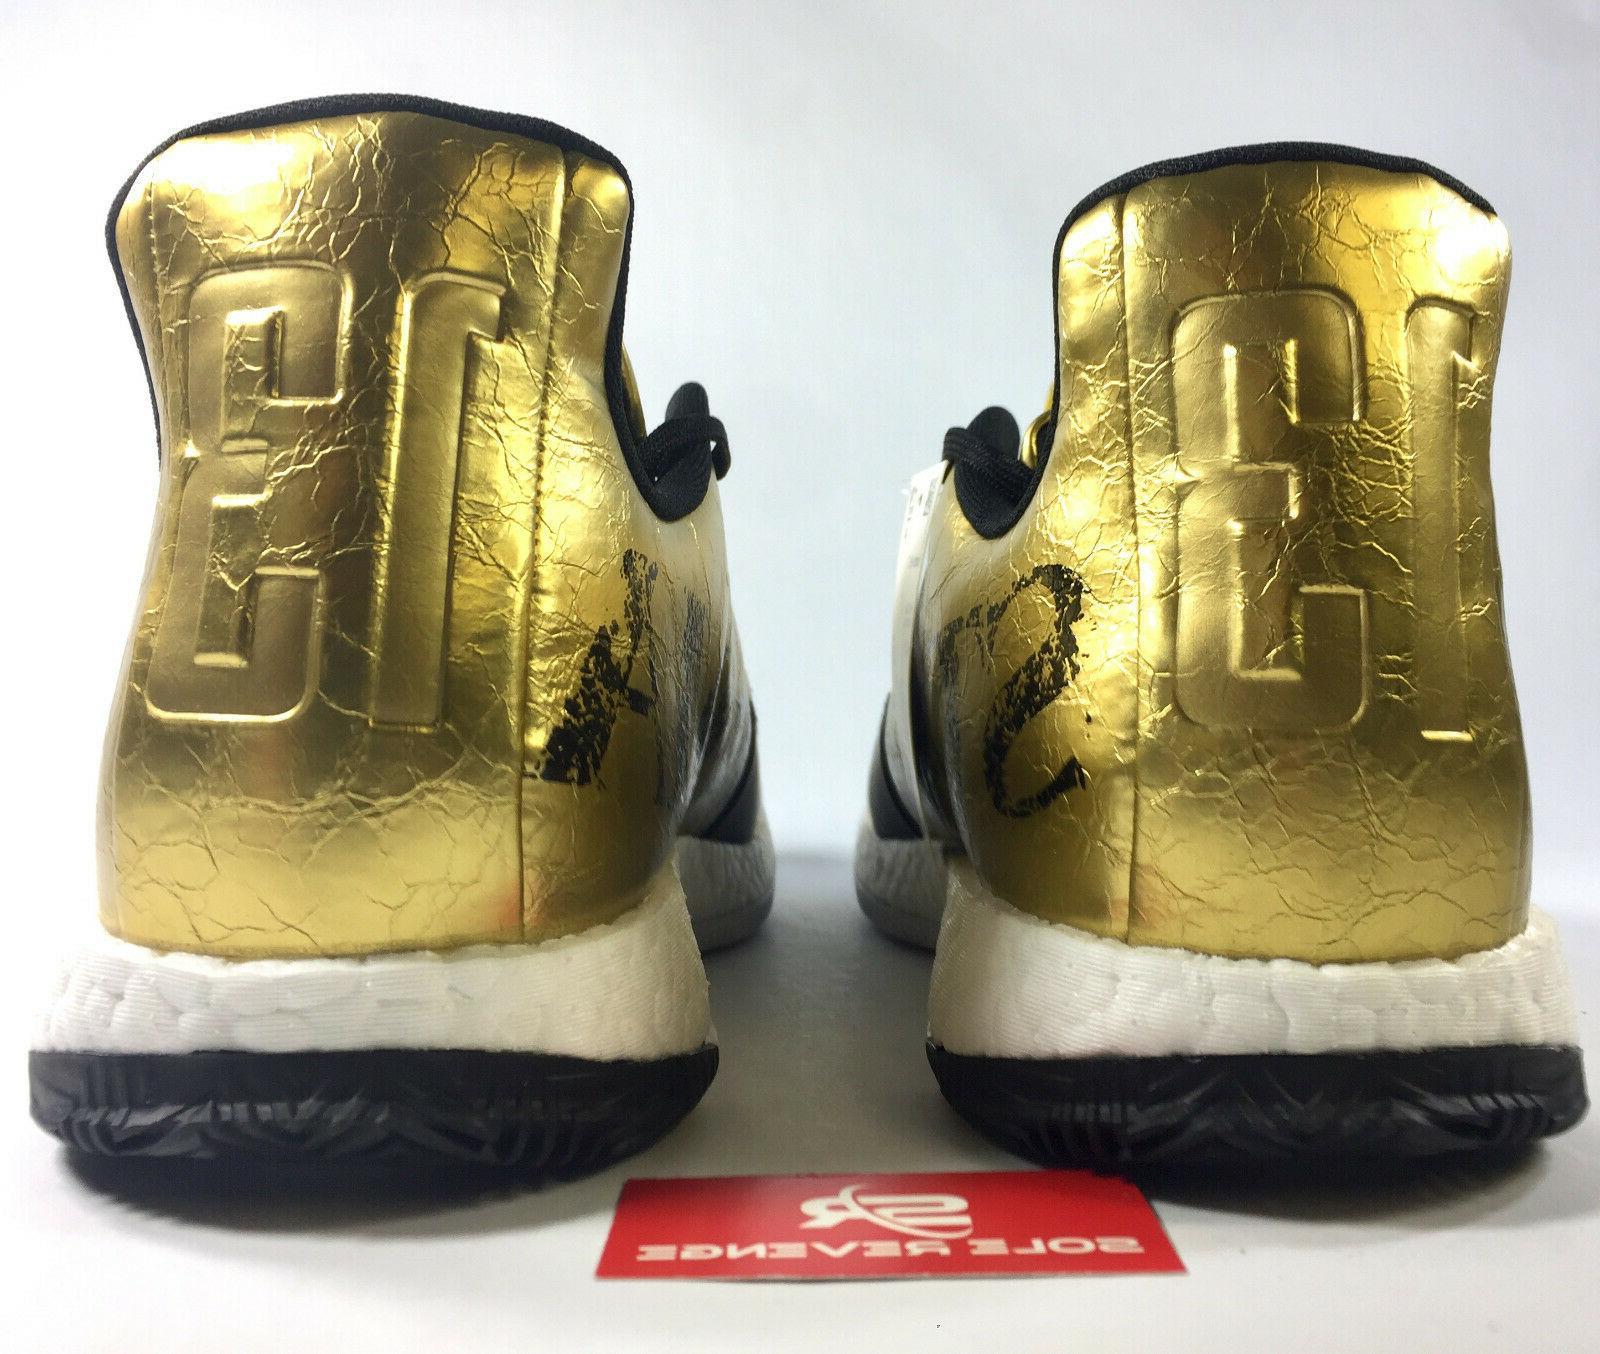 New adidas VOL. G54026 Gold Metallic White